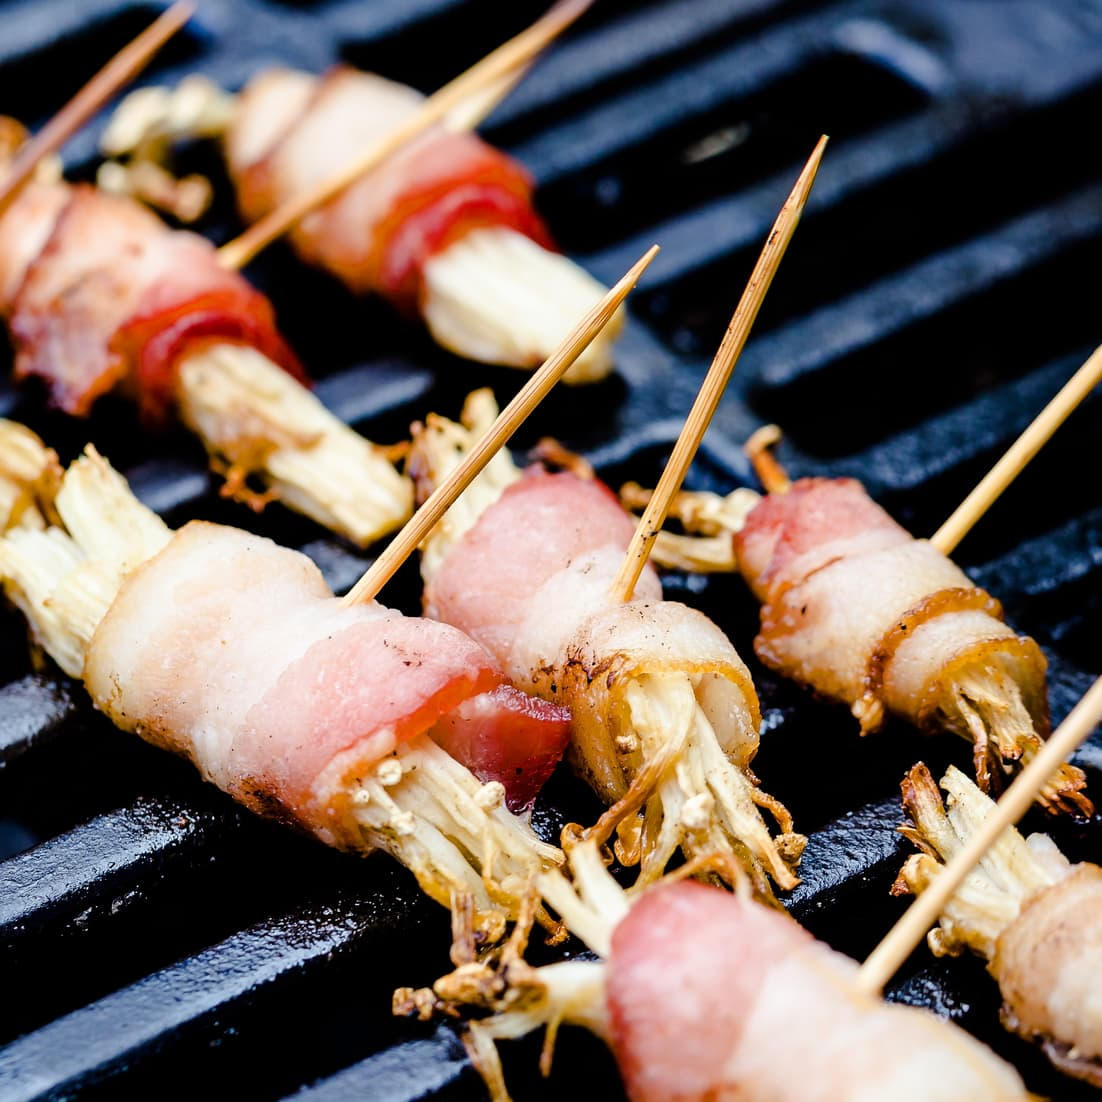 Bacon wrapped enoki mushroom on BQQ grill